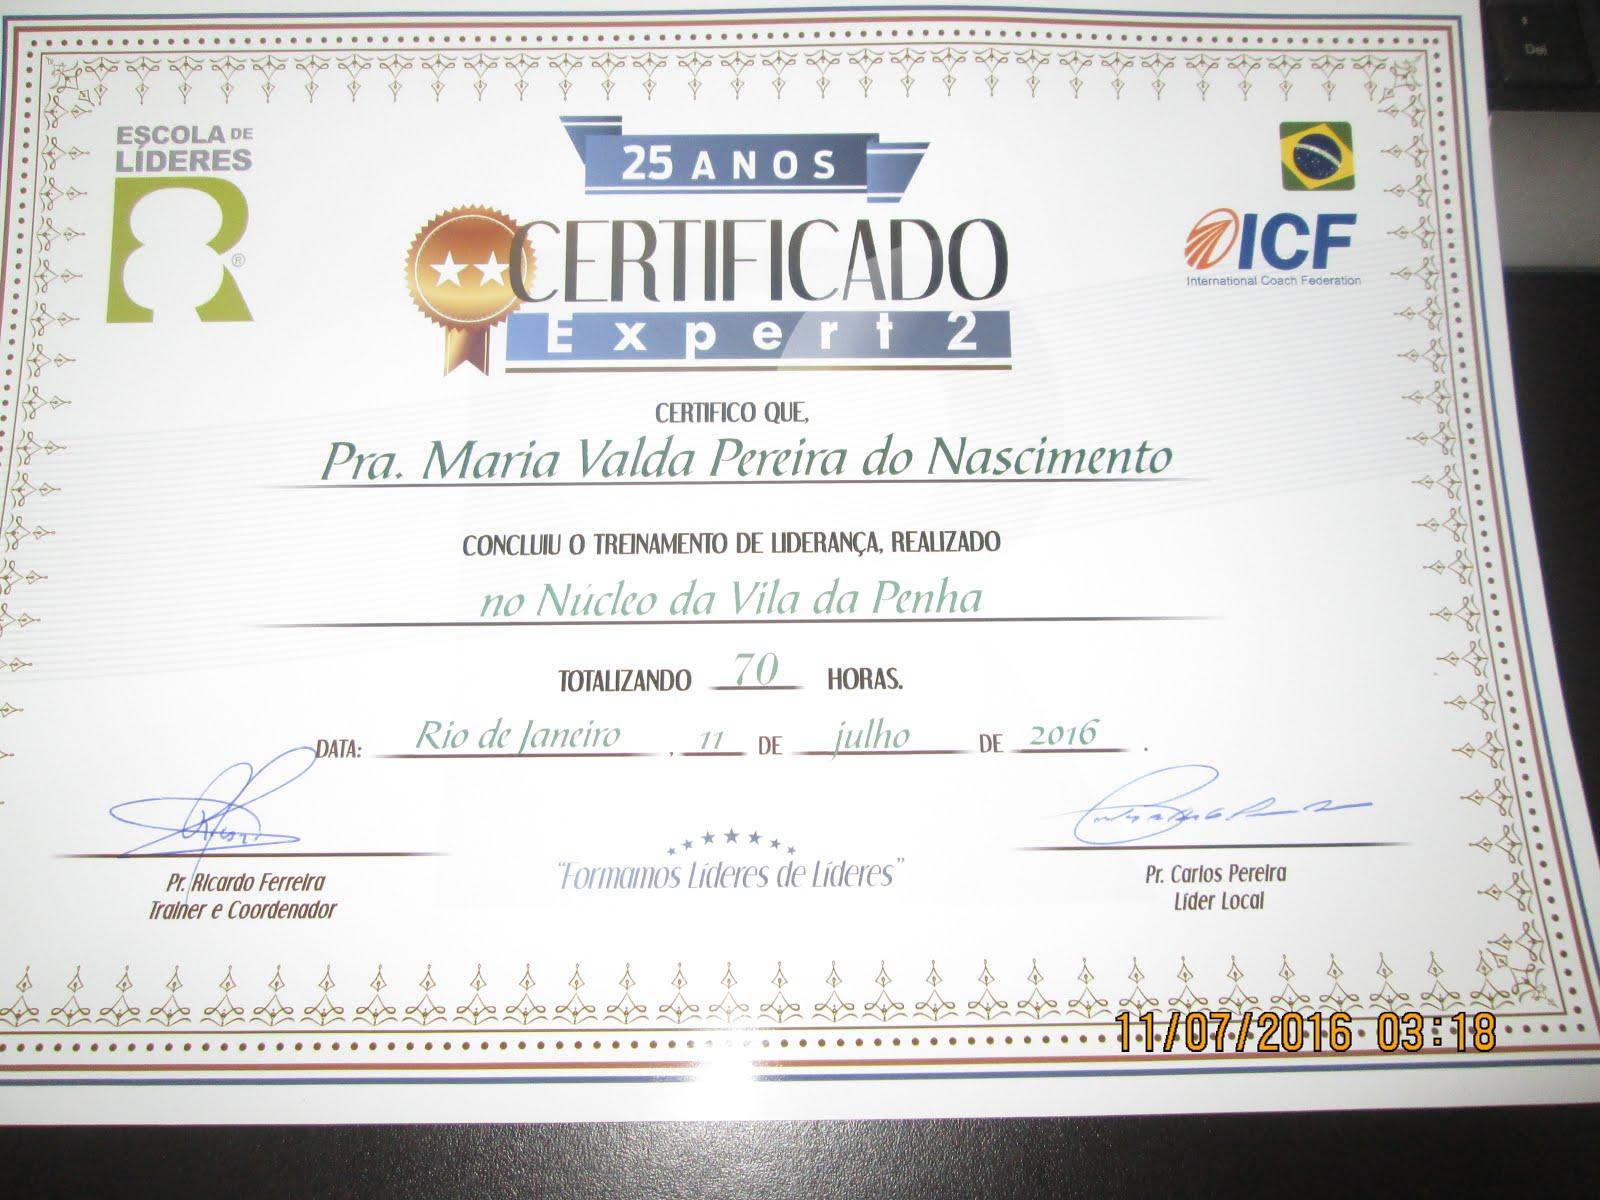 CERTIFICADO EXPERT 2